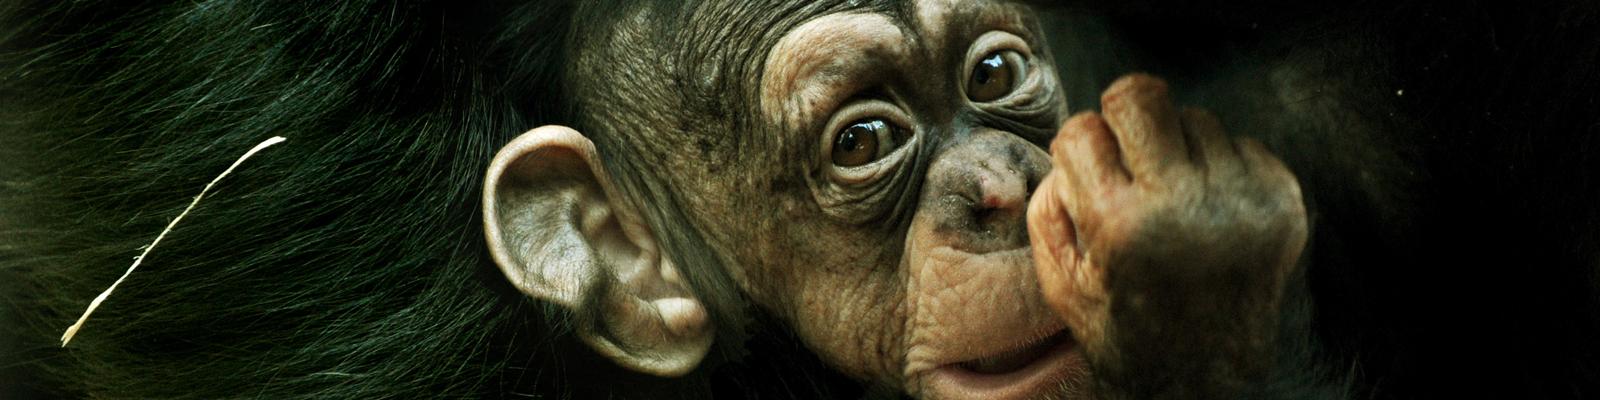 Ein kleiner Schimpanse hängt am Bauch seiner Mutter. Bild: dpa